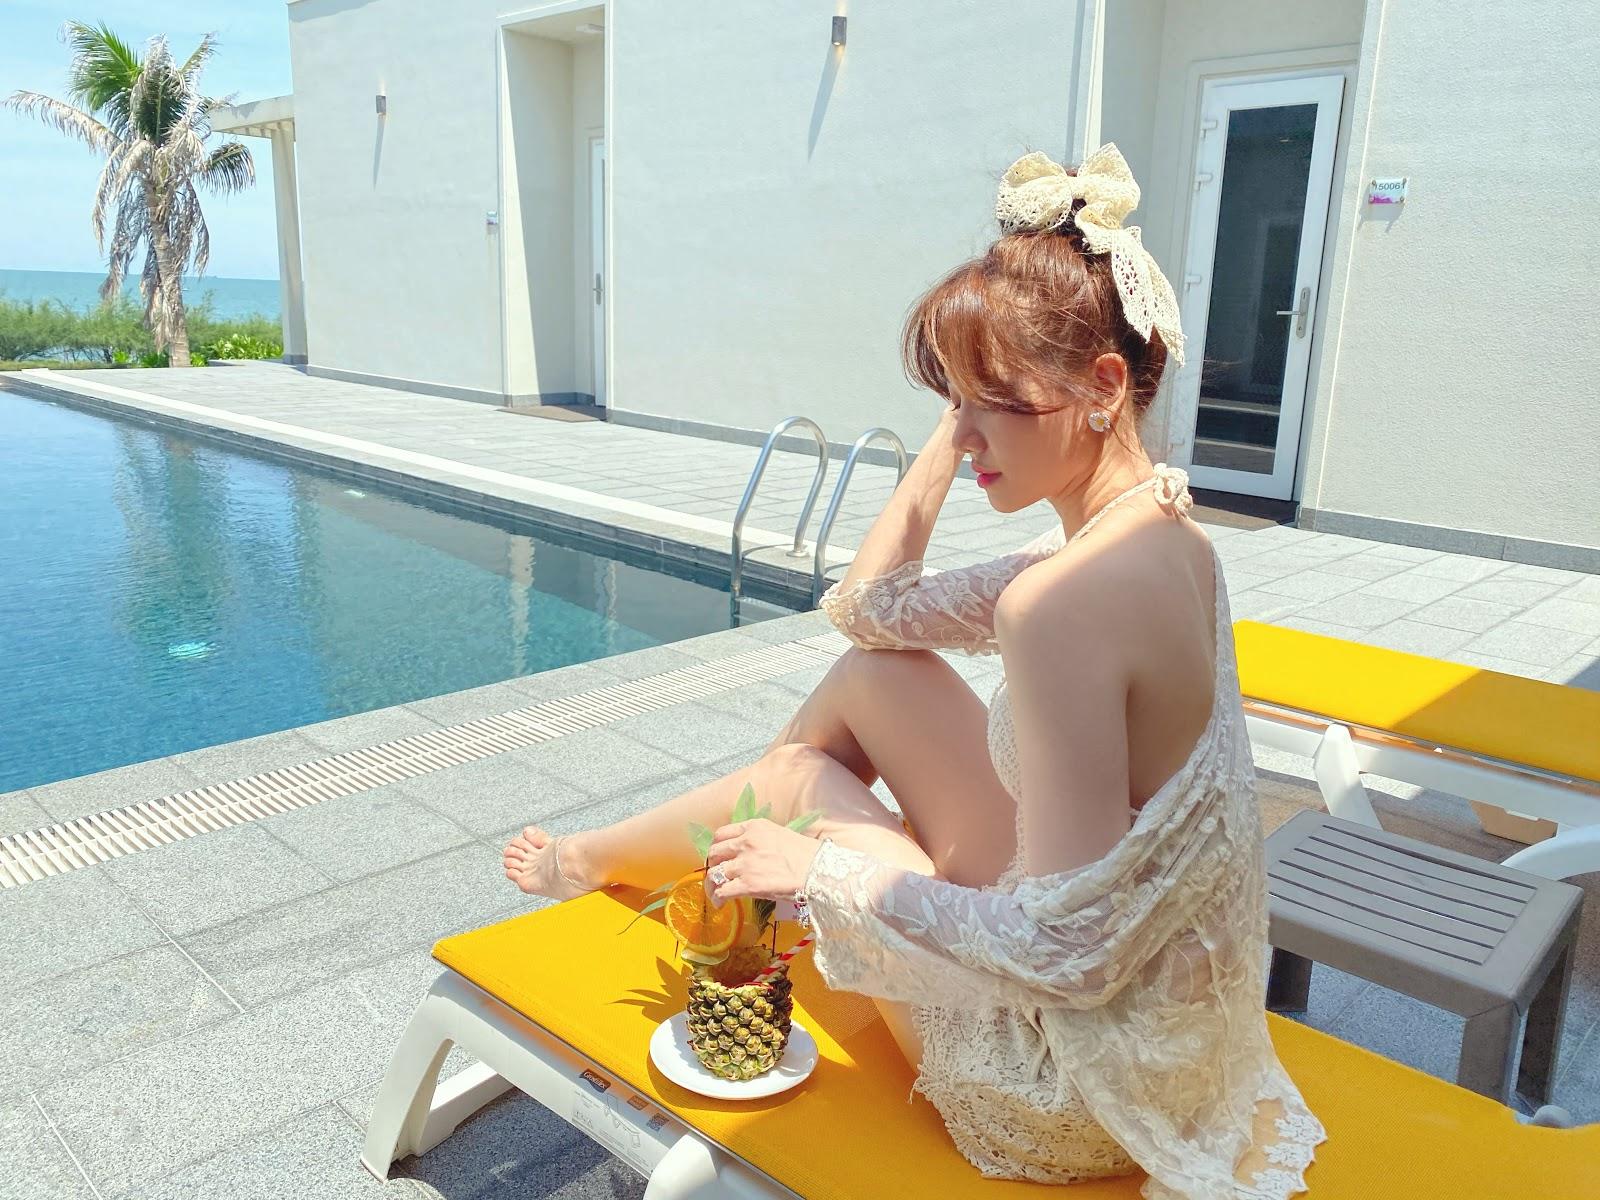 Trấn Thành làm 'phó nháy' ghi lại khoảnh khắc Hari Won diện bikini gợi cảm ở tuổi 35 - Hình 14